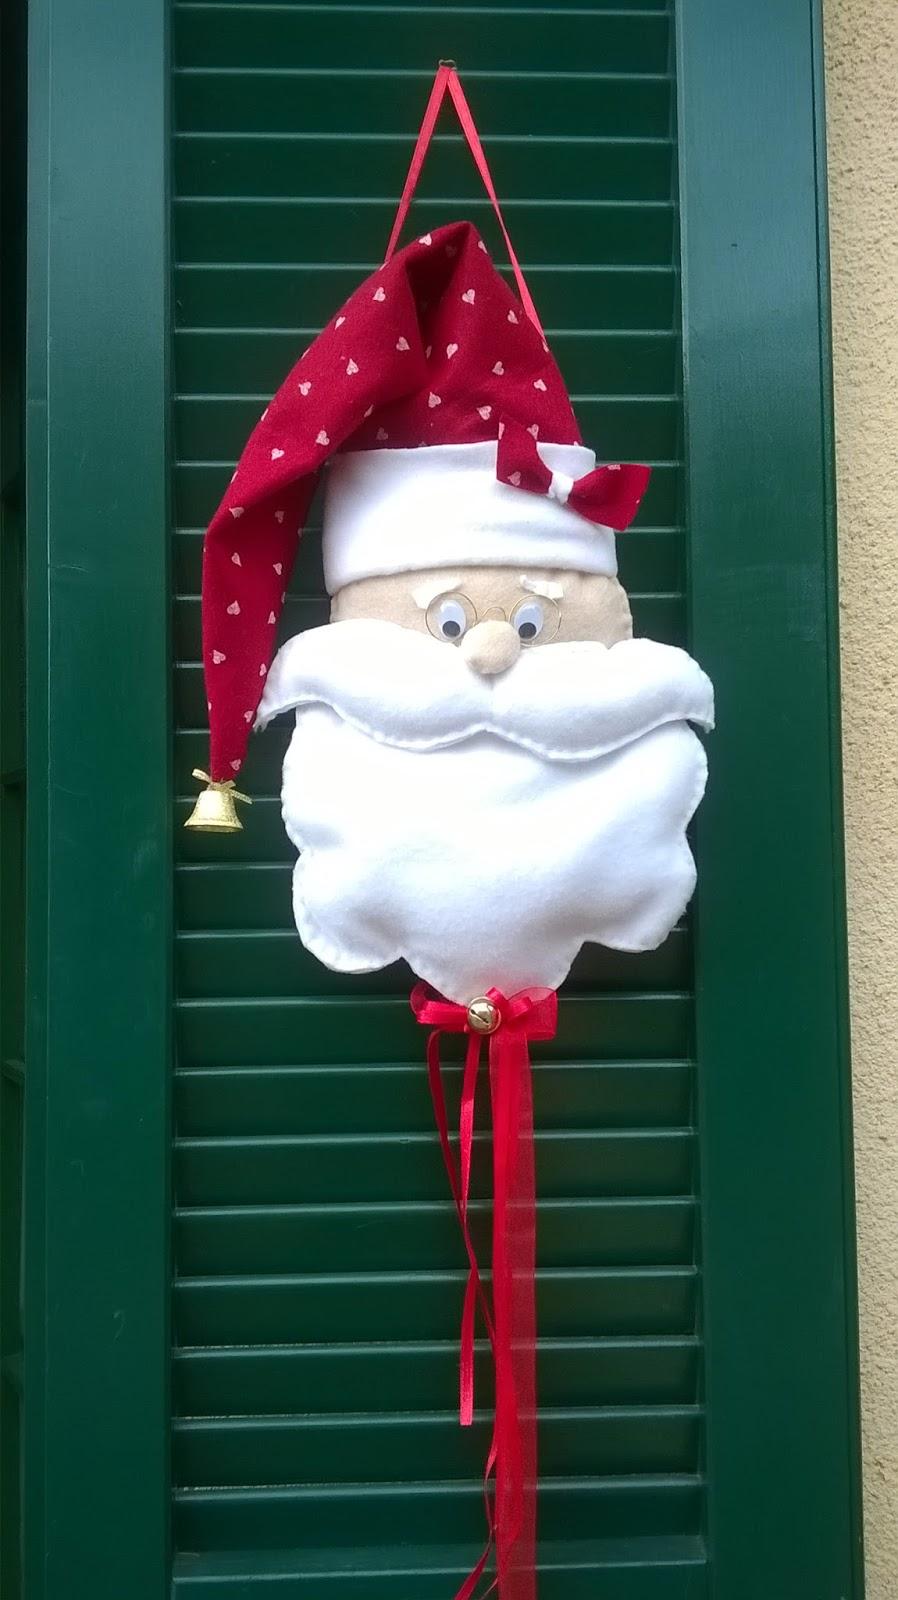 Gla crea babbo natale fuoriporta - Cuore da appendere alla porta ...